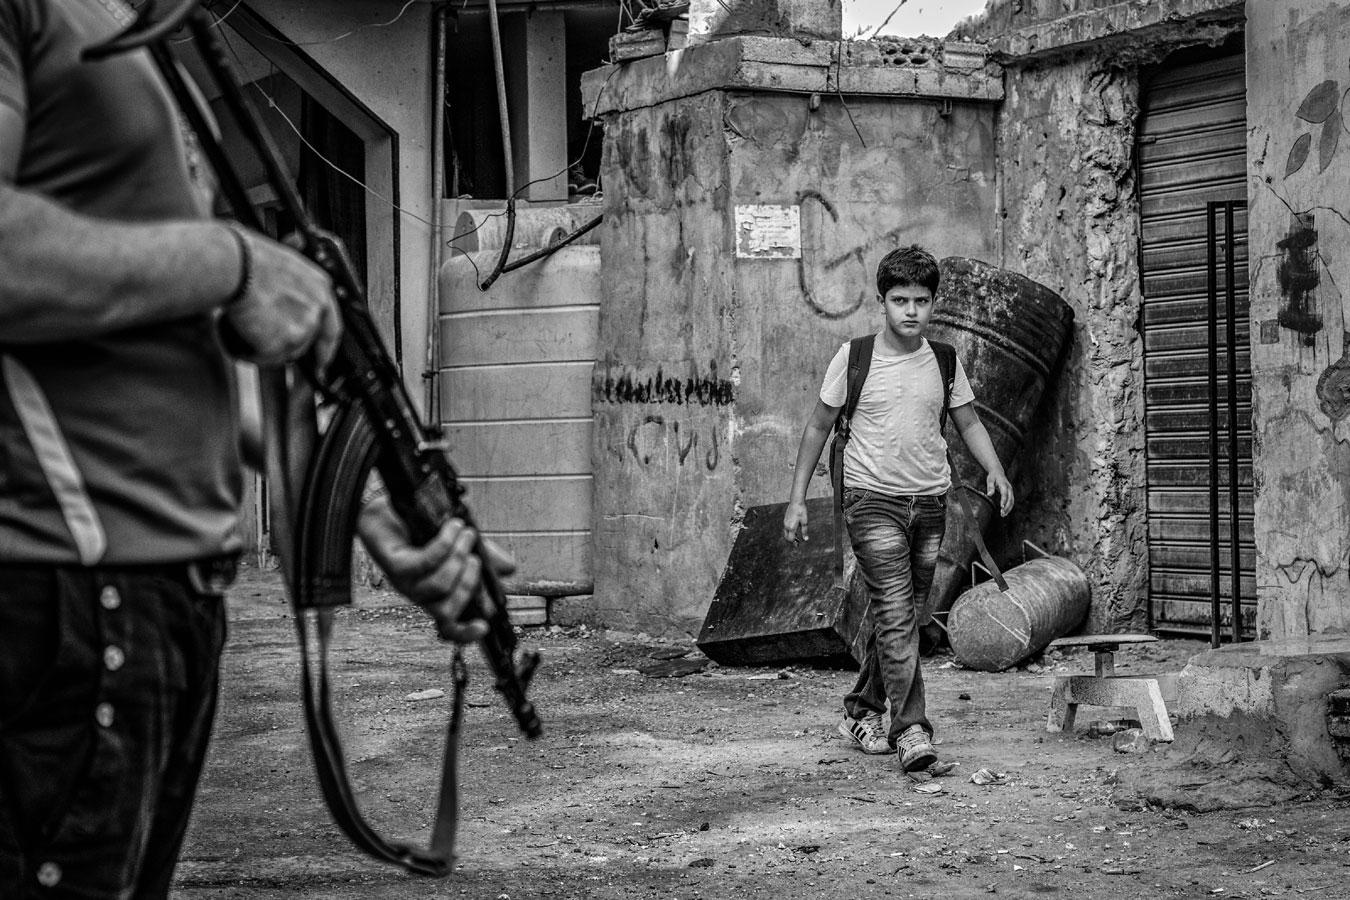 Знание — самое мощное оружие, © Адель Эль Масри / Adel El Masri, Палестинская территория, 2 место в категории «Вызов», Фотоконкурс HIPA